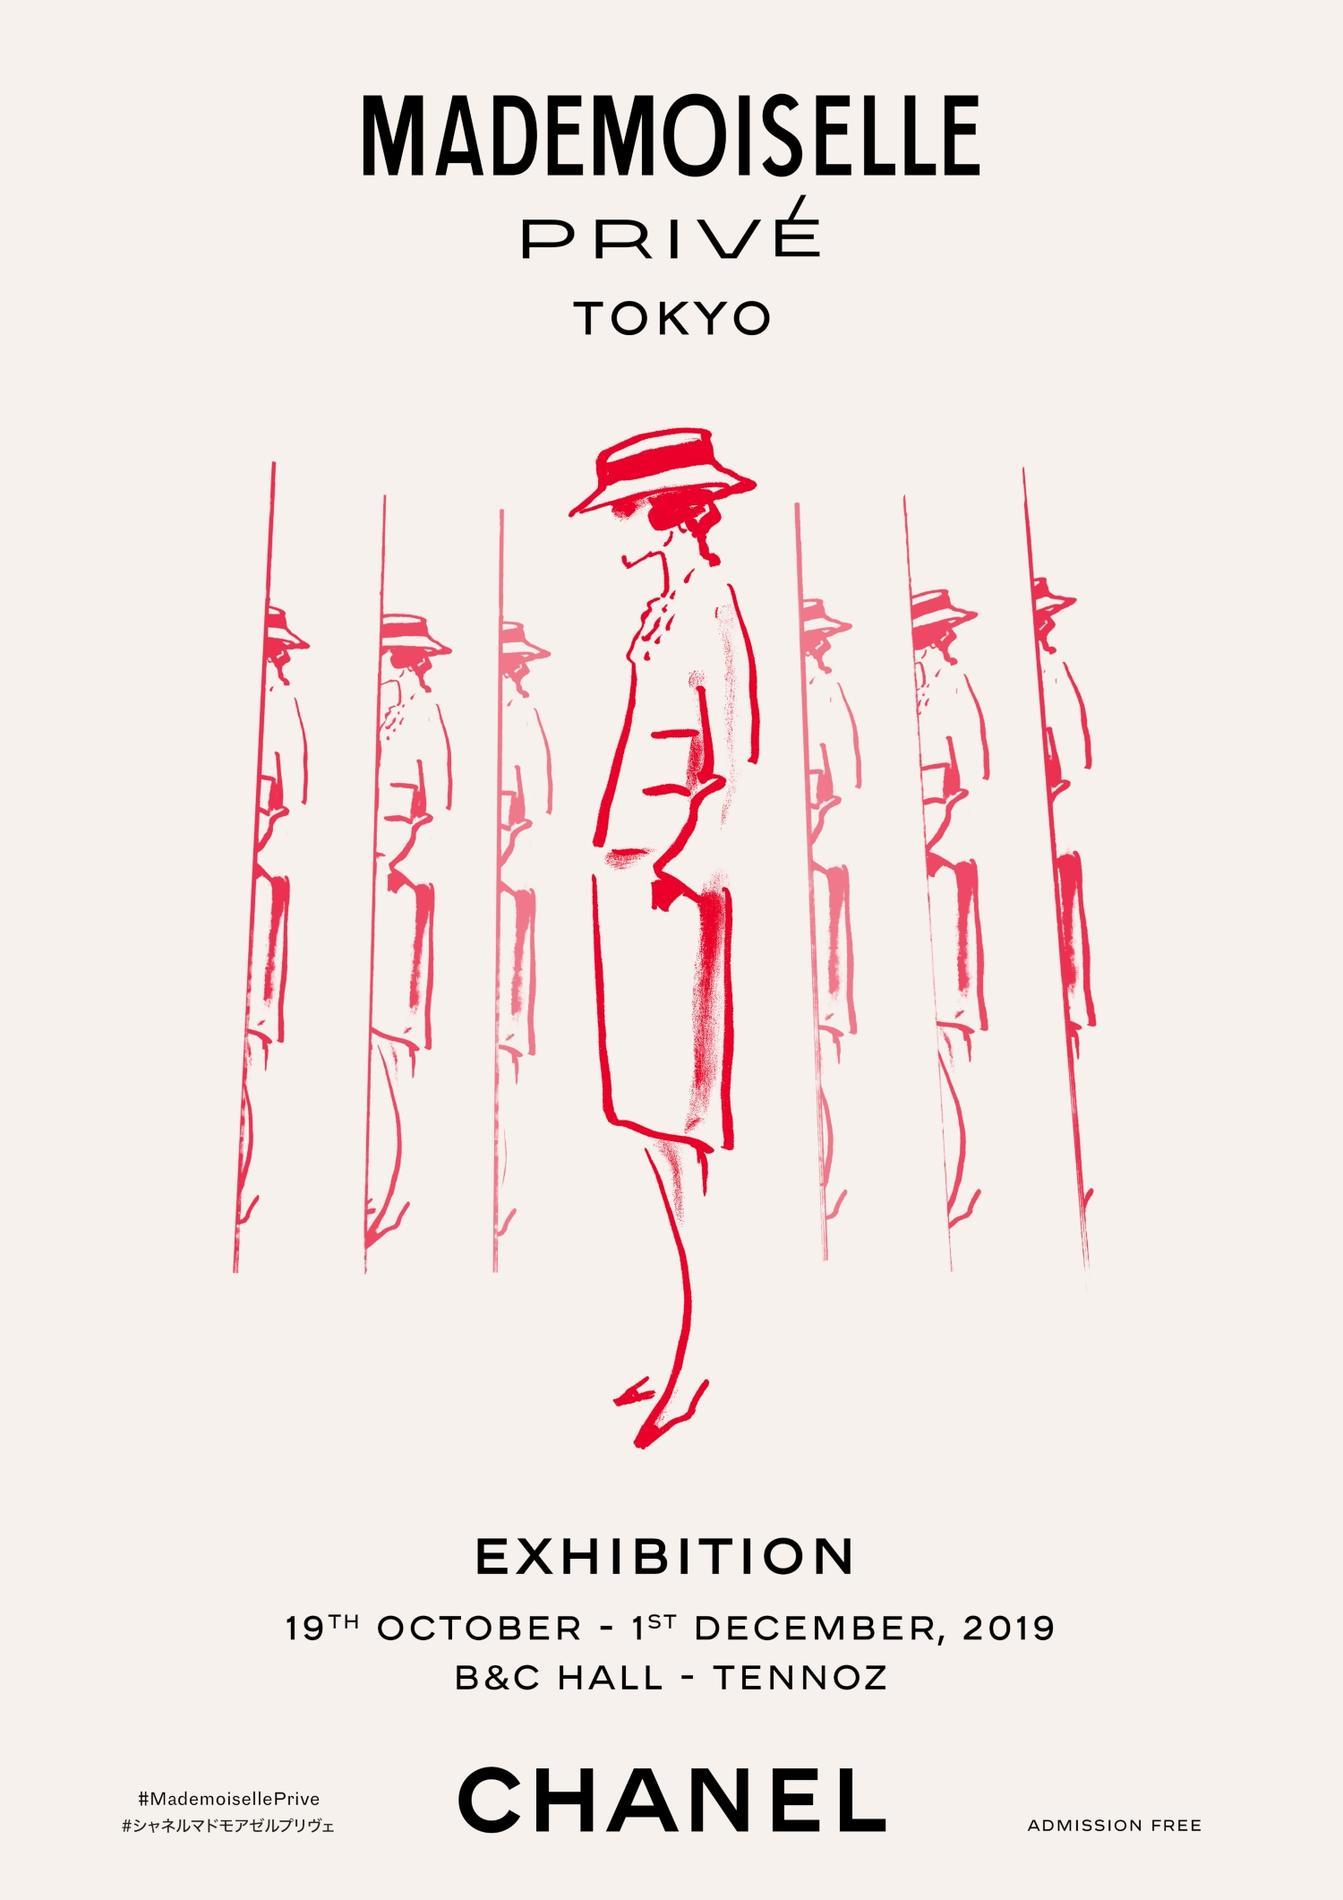 Triển lãm Mademoiselle Privé pử Tokyo